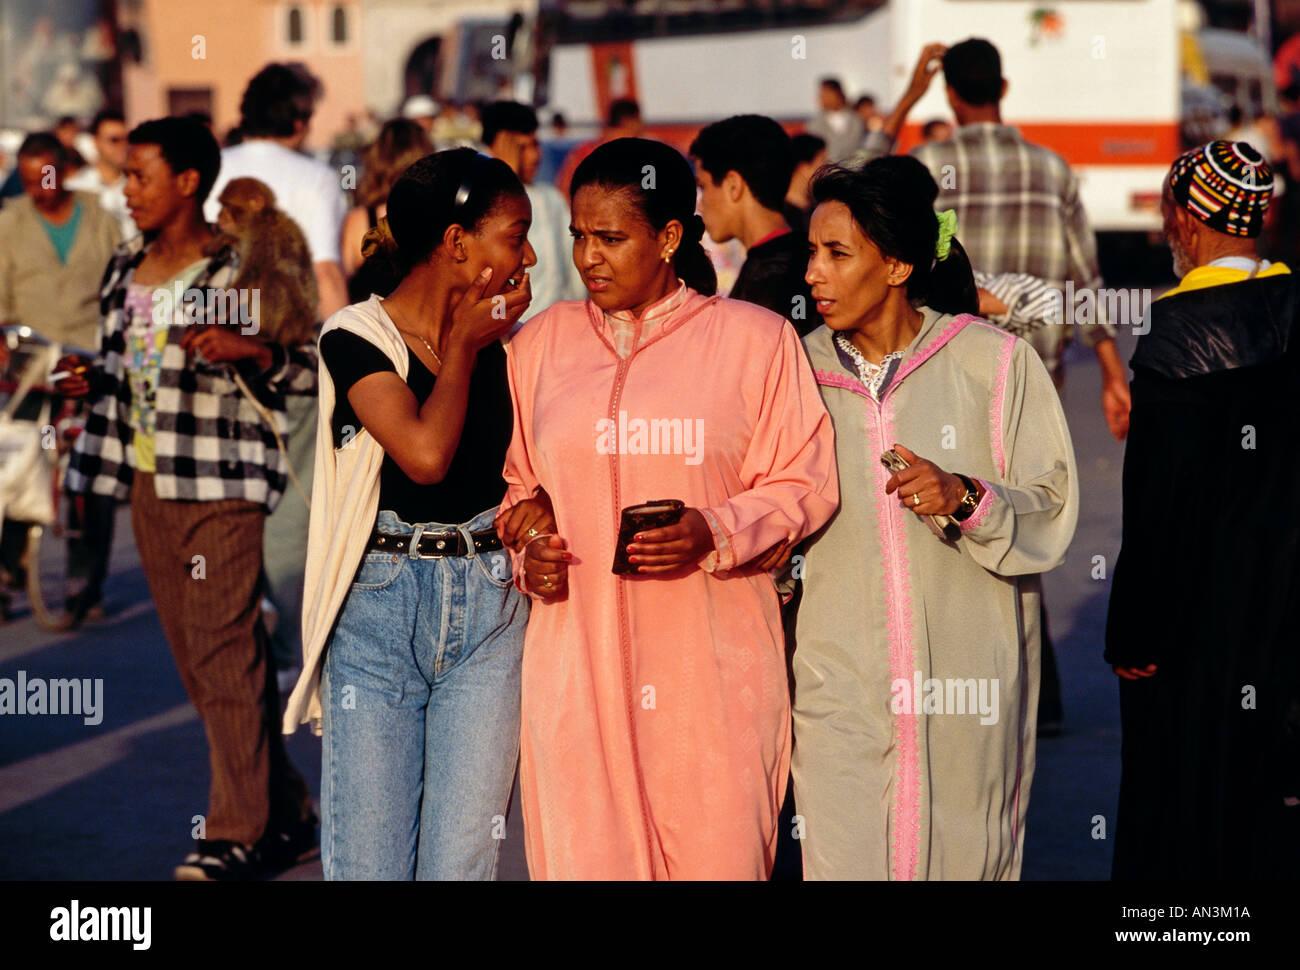 Marrakechian immagini & marrakechian fotos stock alamy